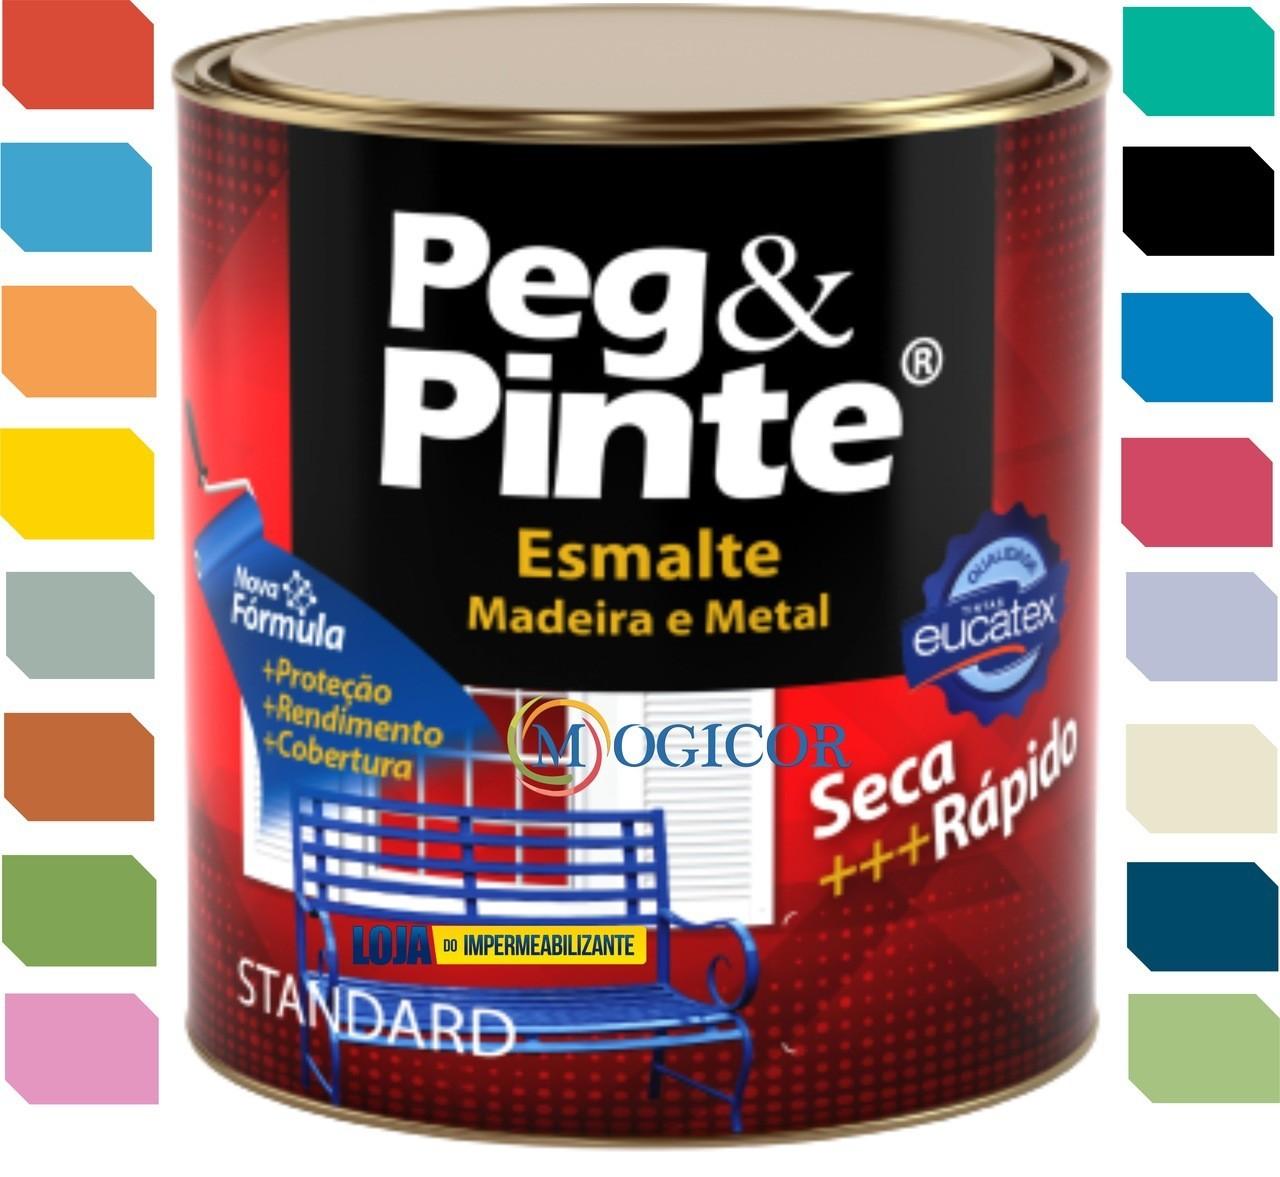 Tinta Esmalte Standard Eucatex 900mL - Secagem Rapida - Cores